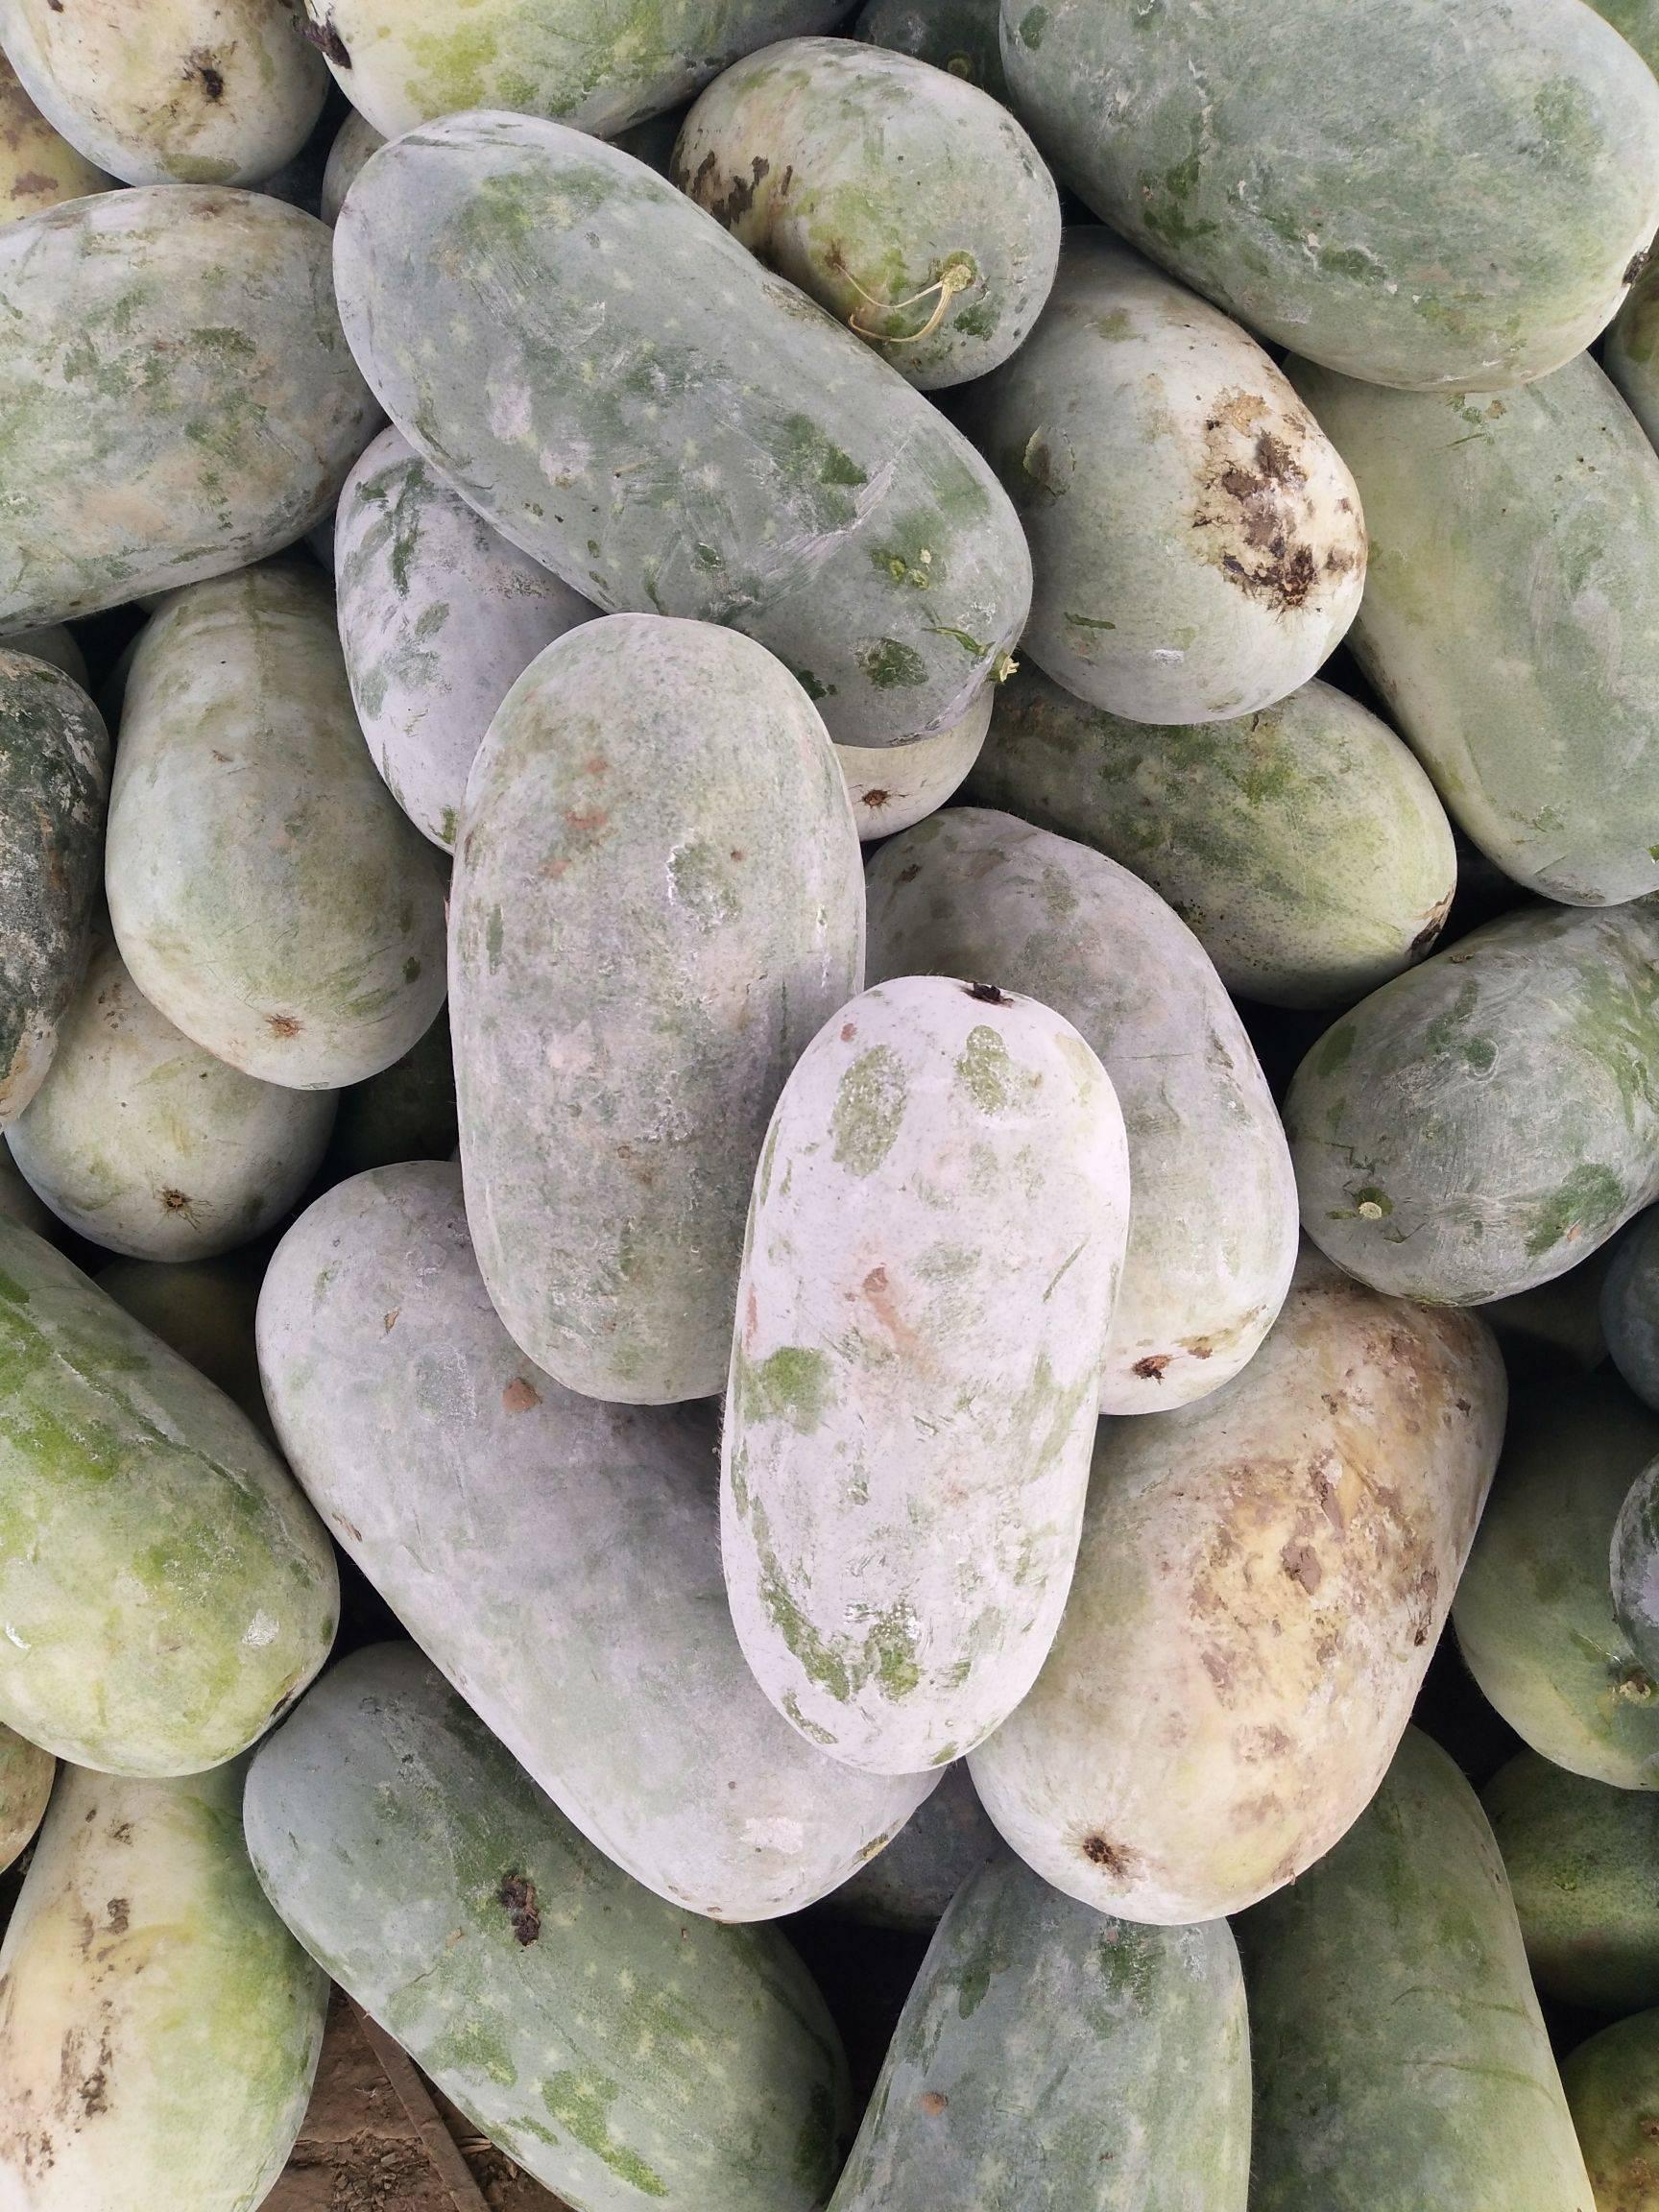 [水果小冬瓜批发] 水果冬瓜适合全国各地价格0.12元/斤